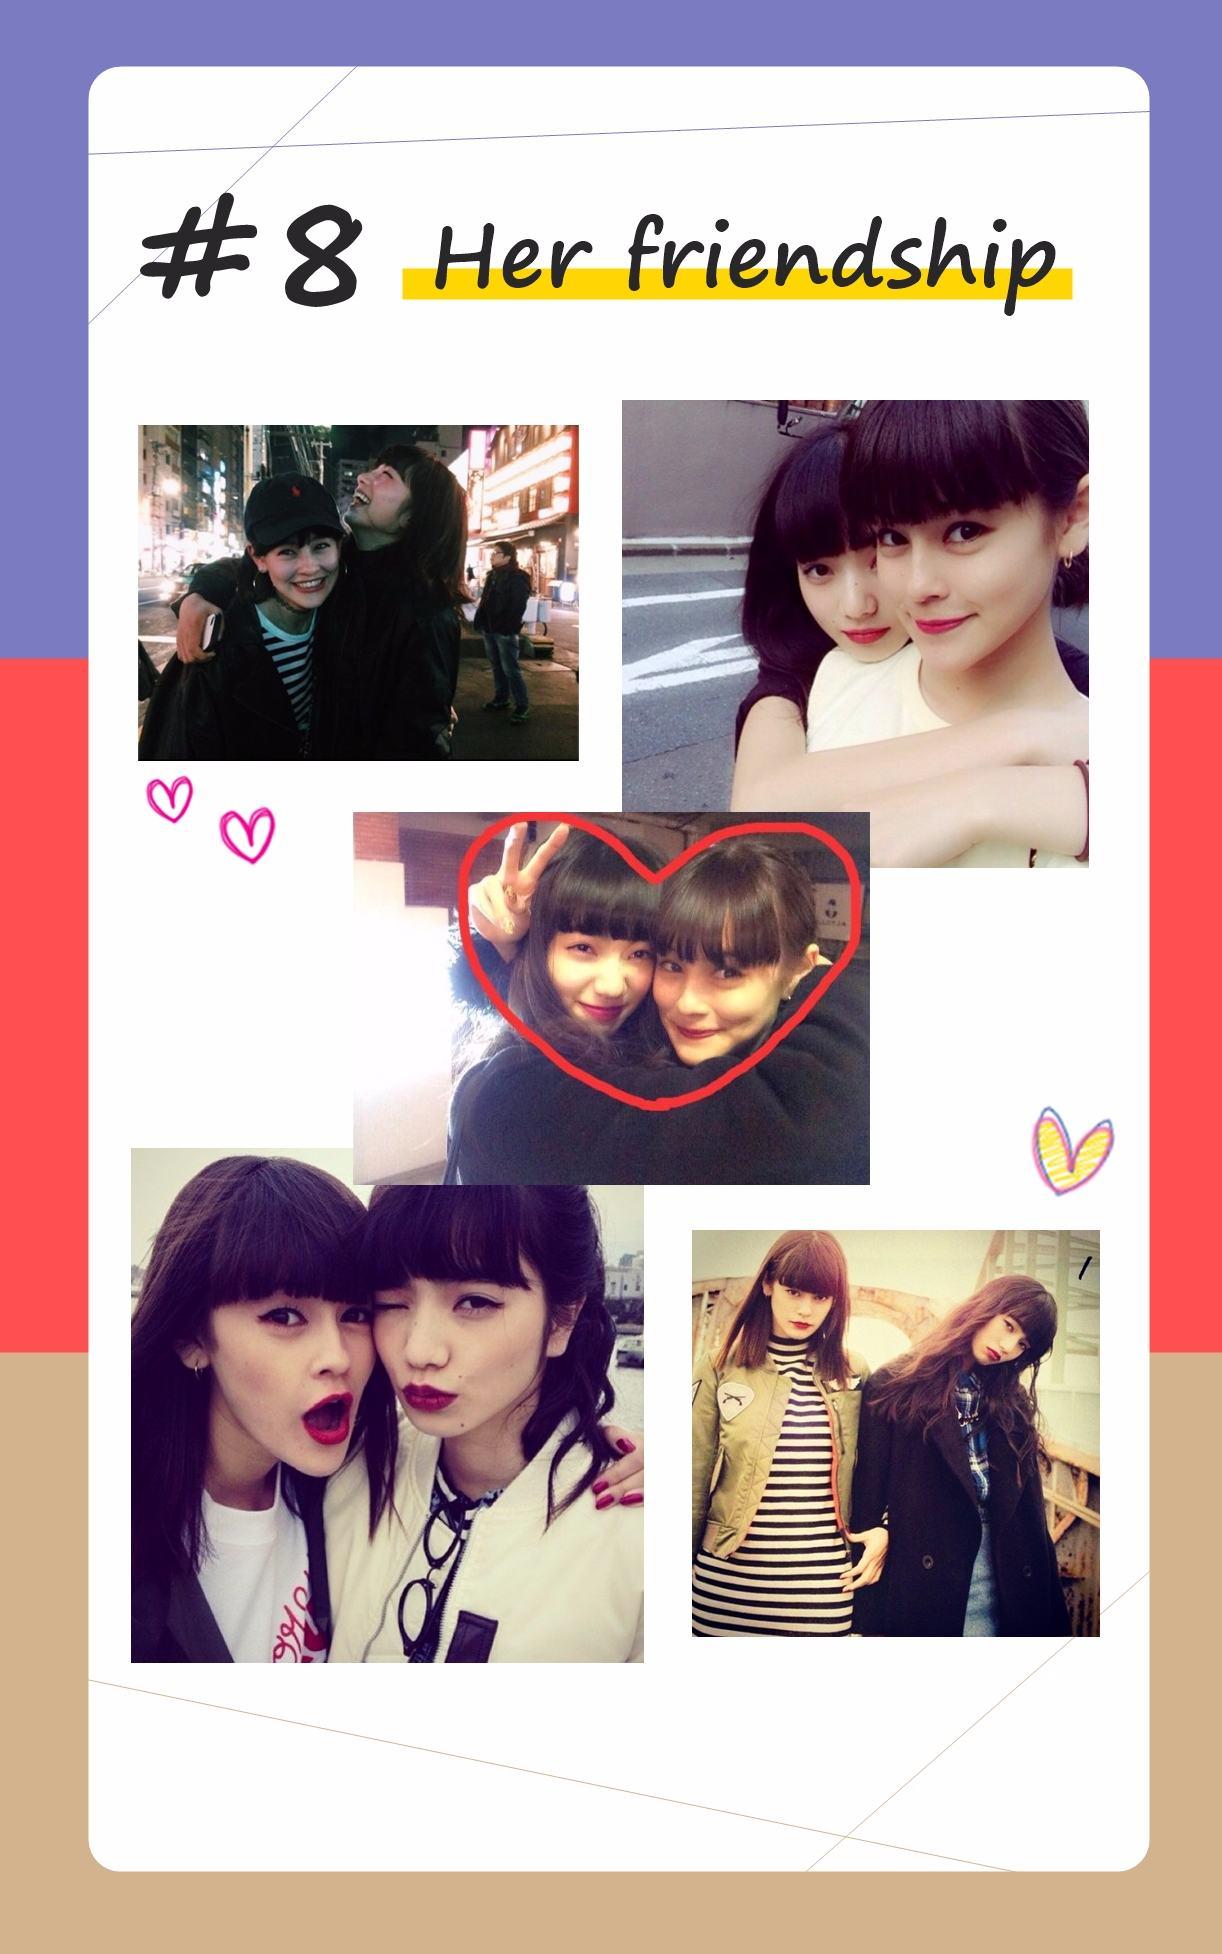 小松菜奈常常在IG上分享與近藤Emma的可愛照片,像姊妹一樣的一對好友CP,非常令人羨慕~